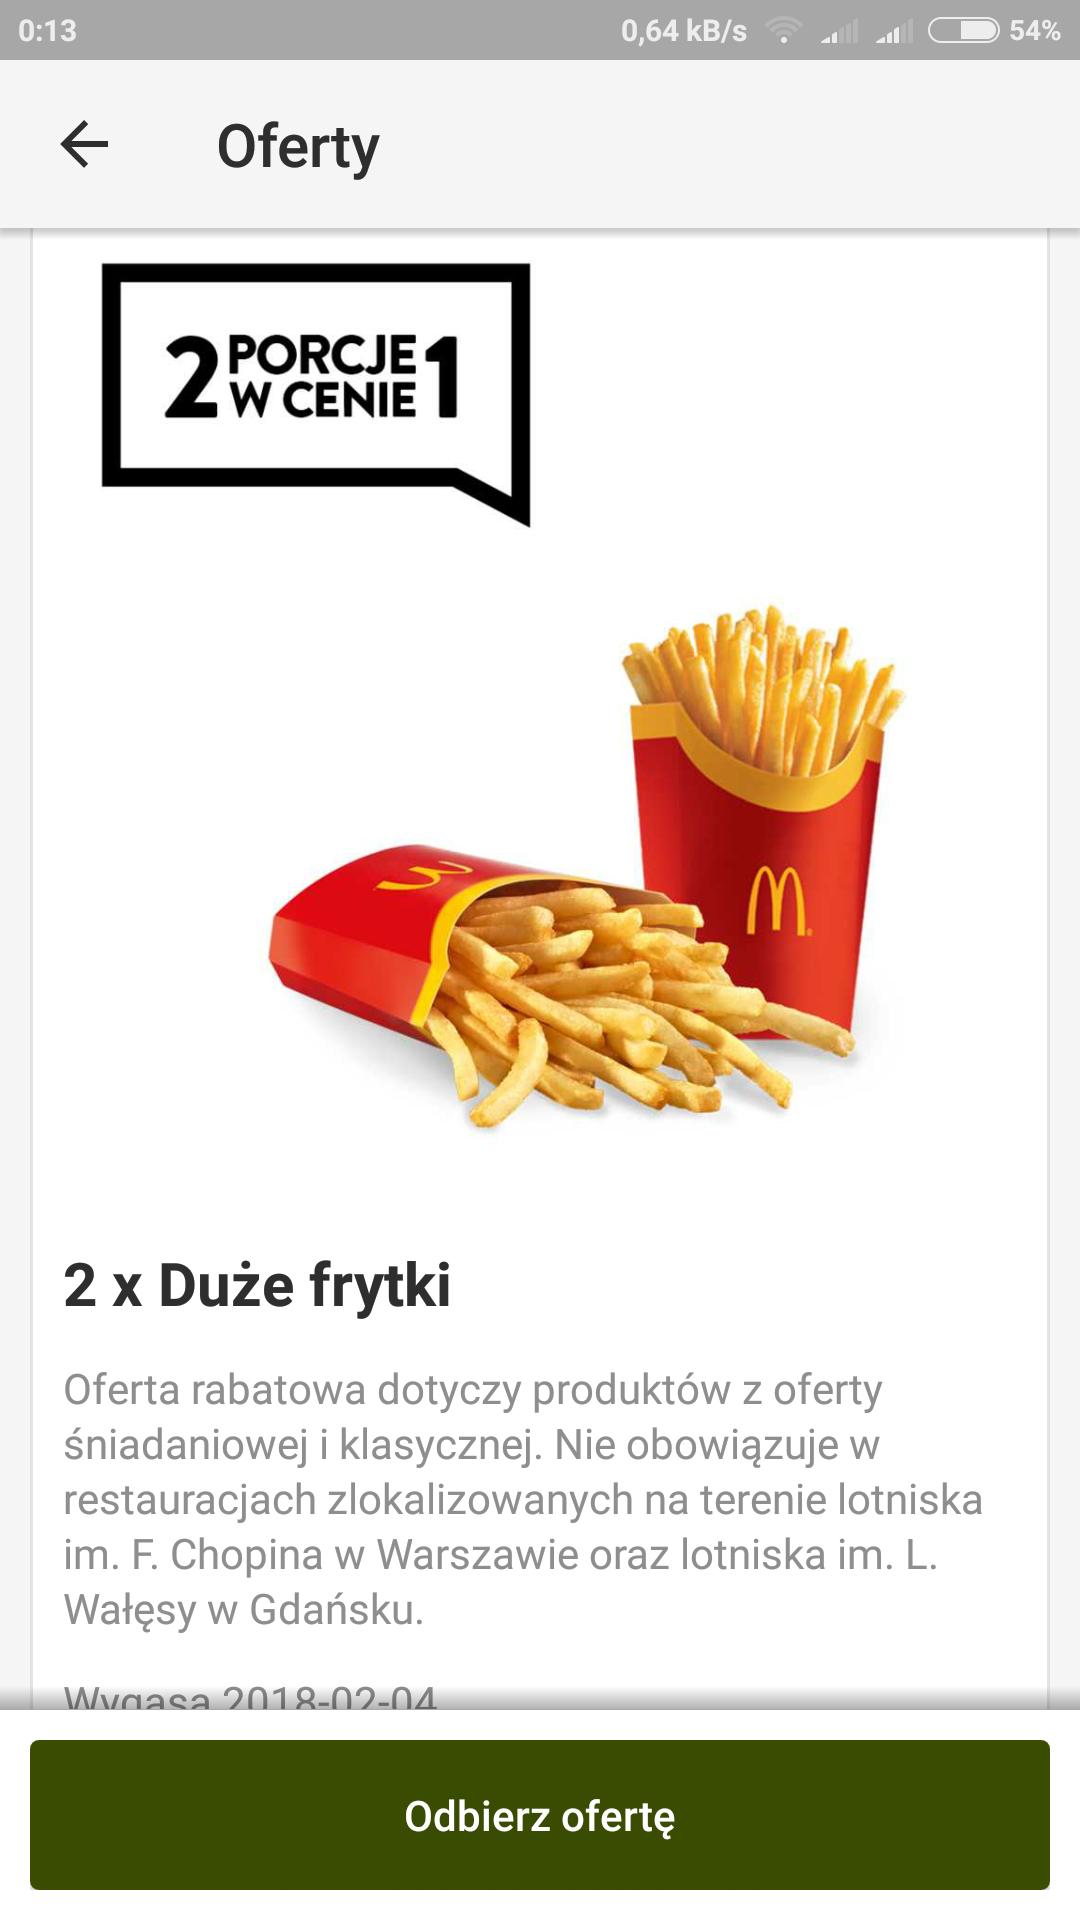 McDonald's 2x duze frytki w cenie 1